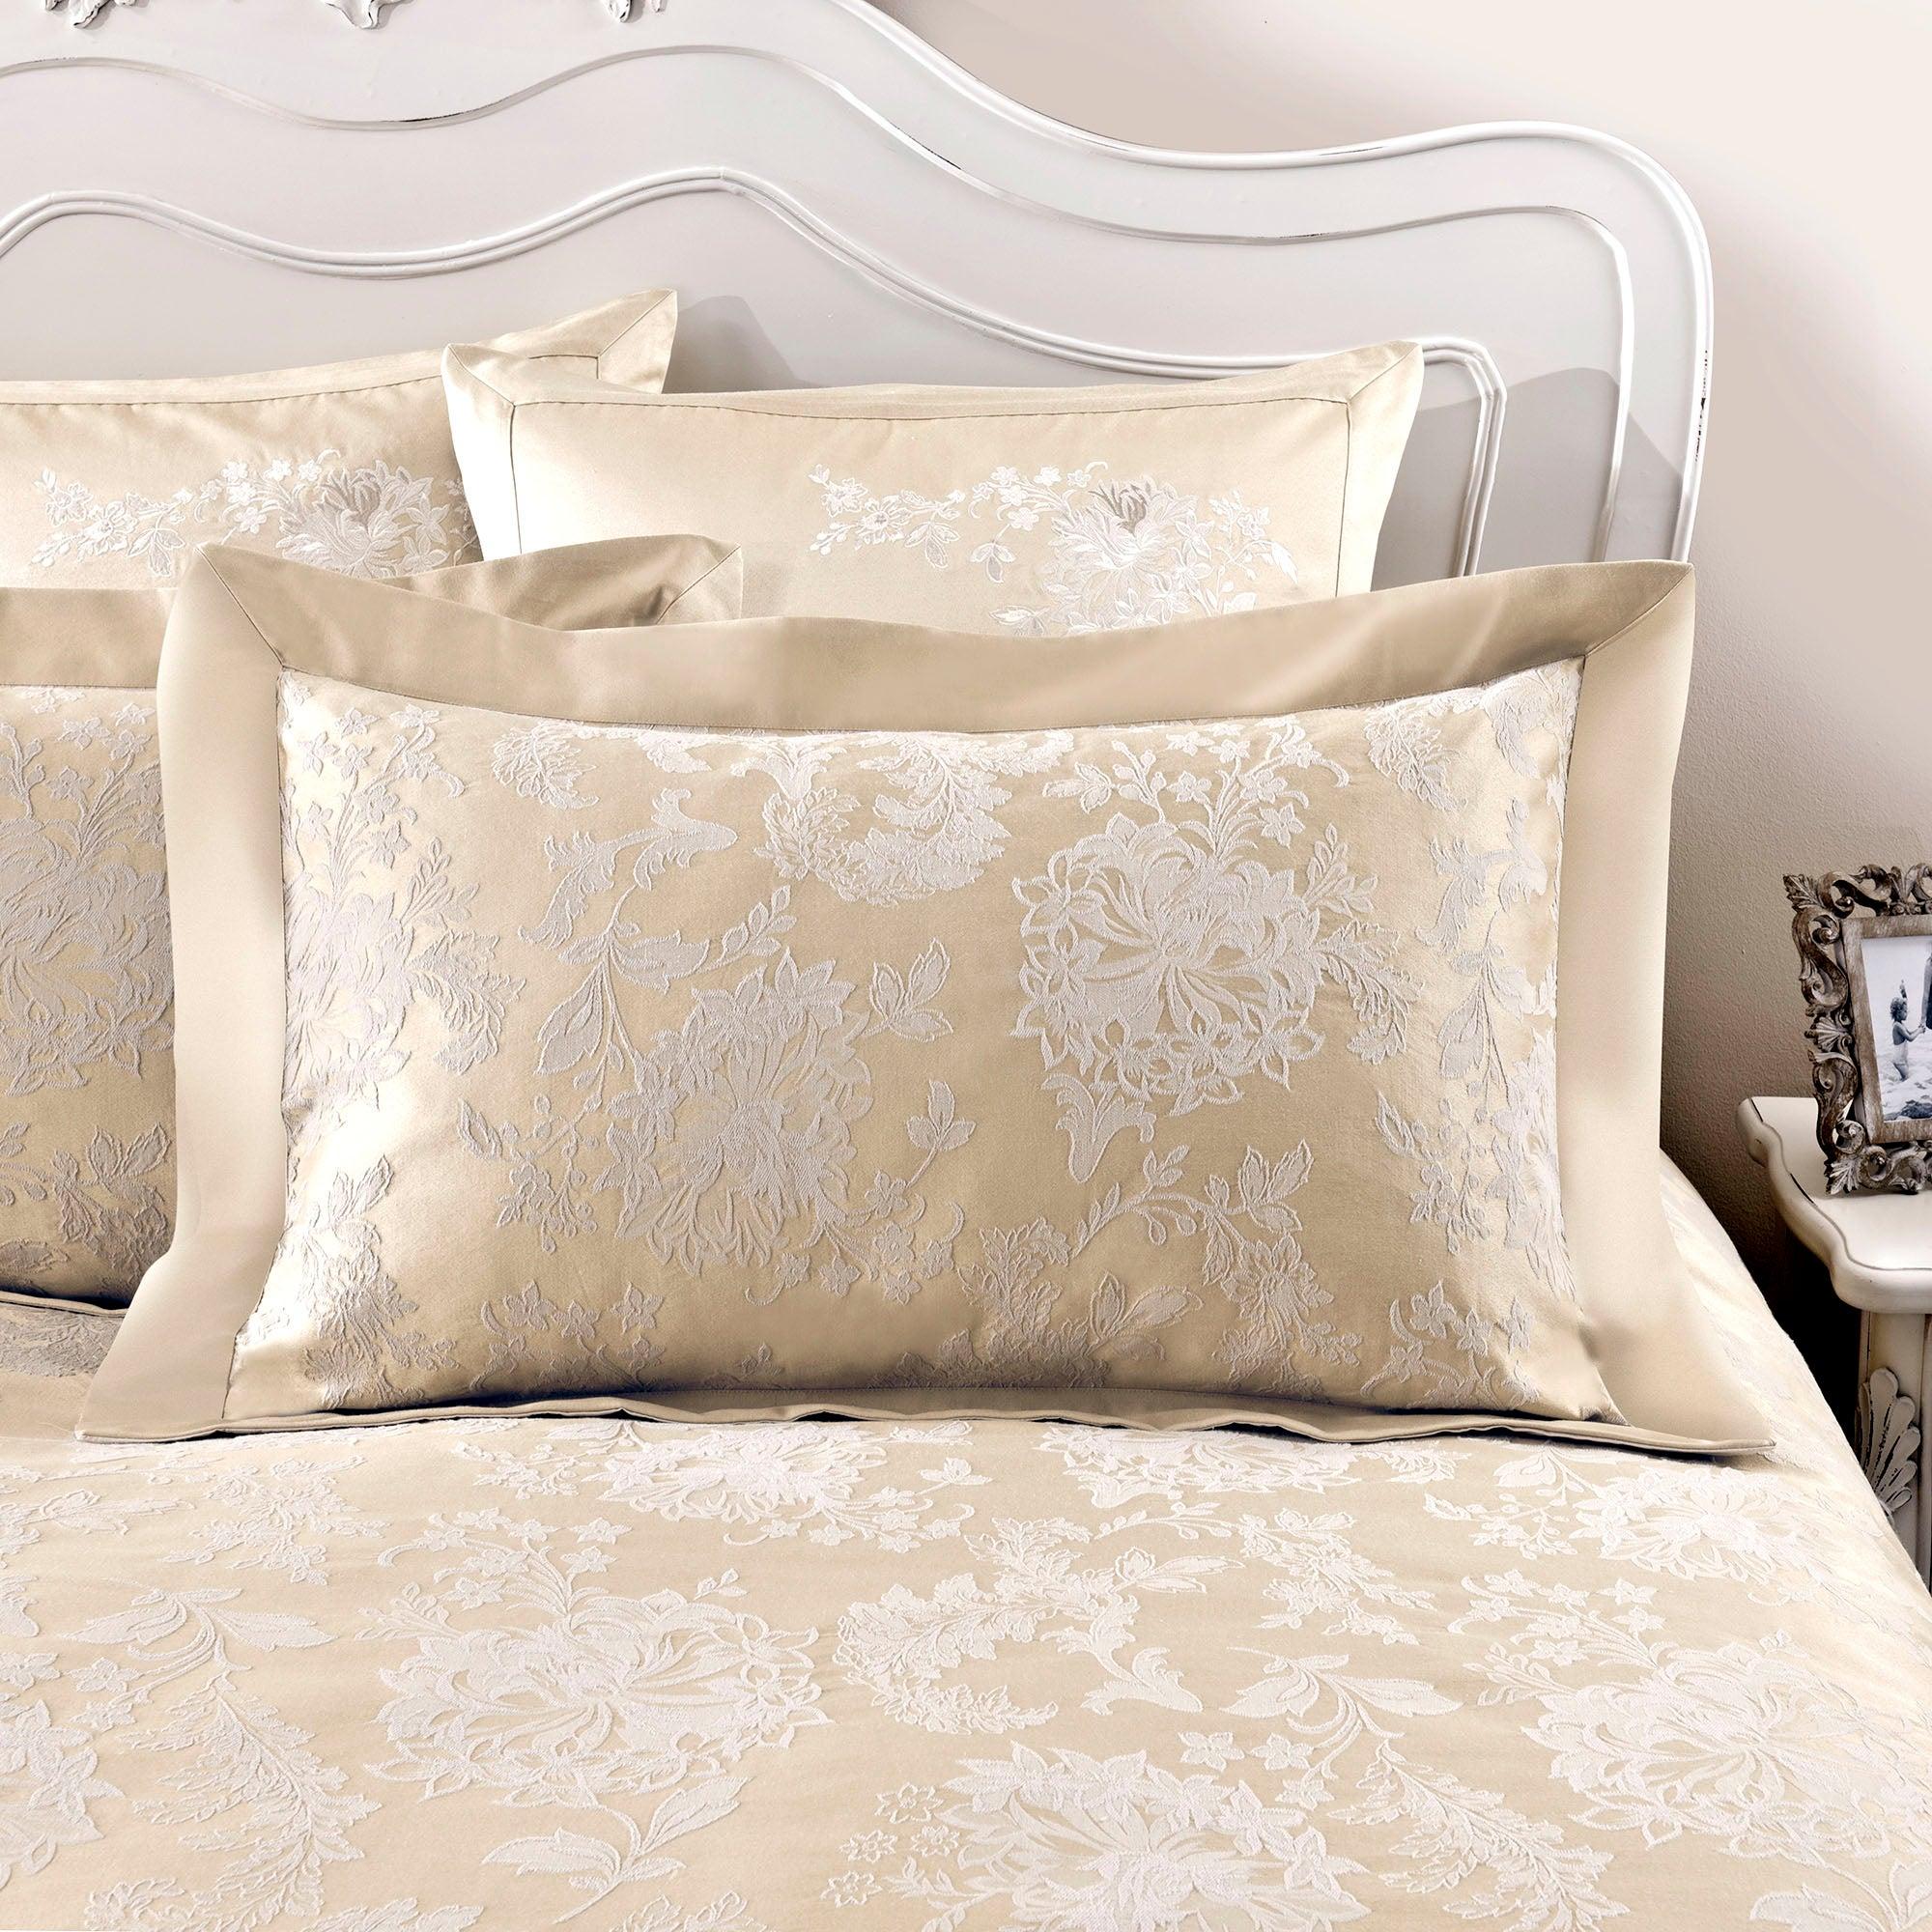 Dorma Cream Clara Collection Oxford Pillowcase